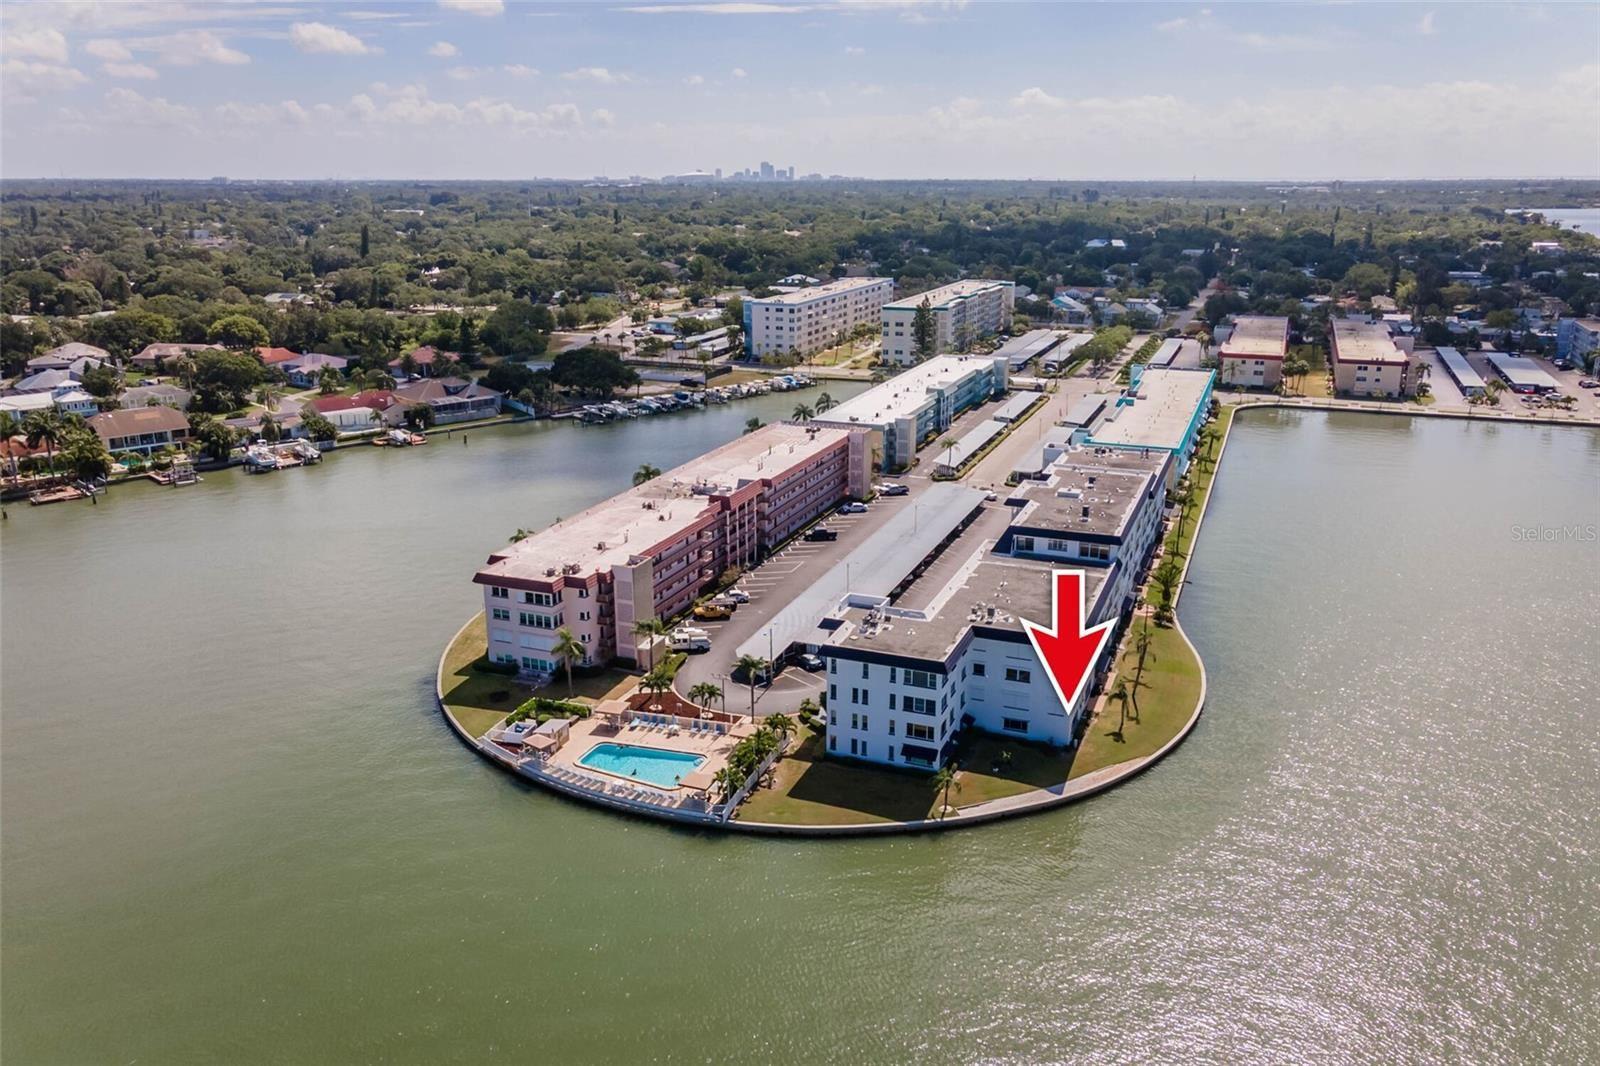 5960 30TH AVENUE S #112, Gulfport, FL 33707 - #: U8126255